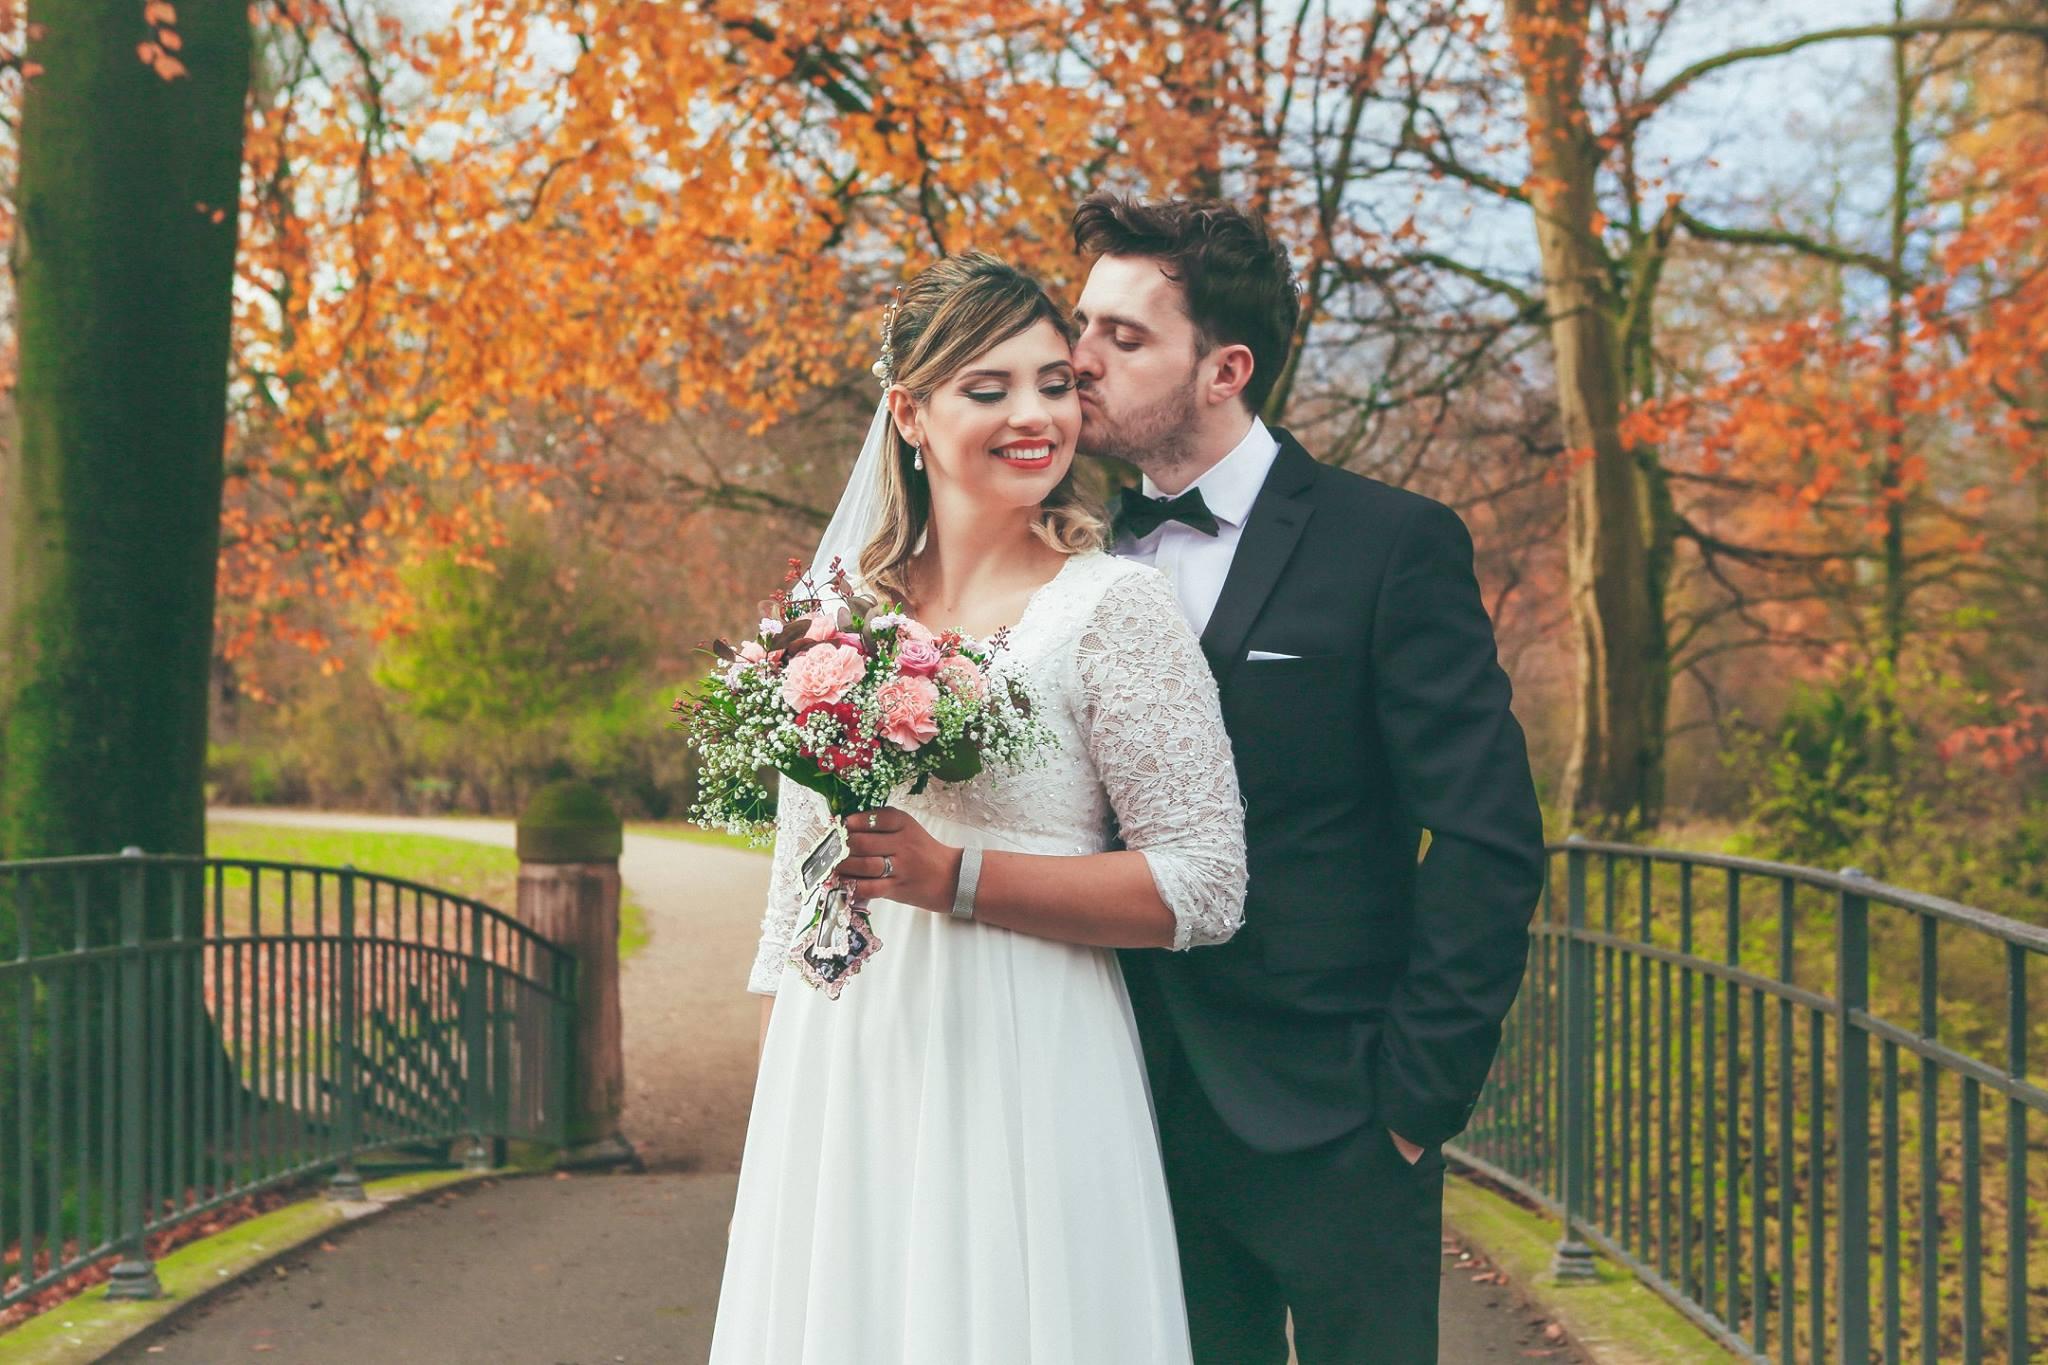 copenhagen-wedding-photograoher12